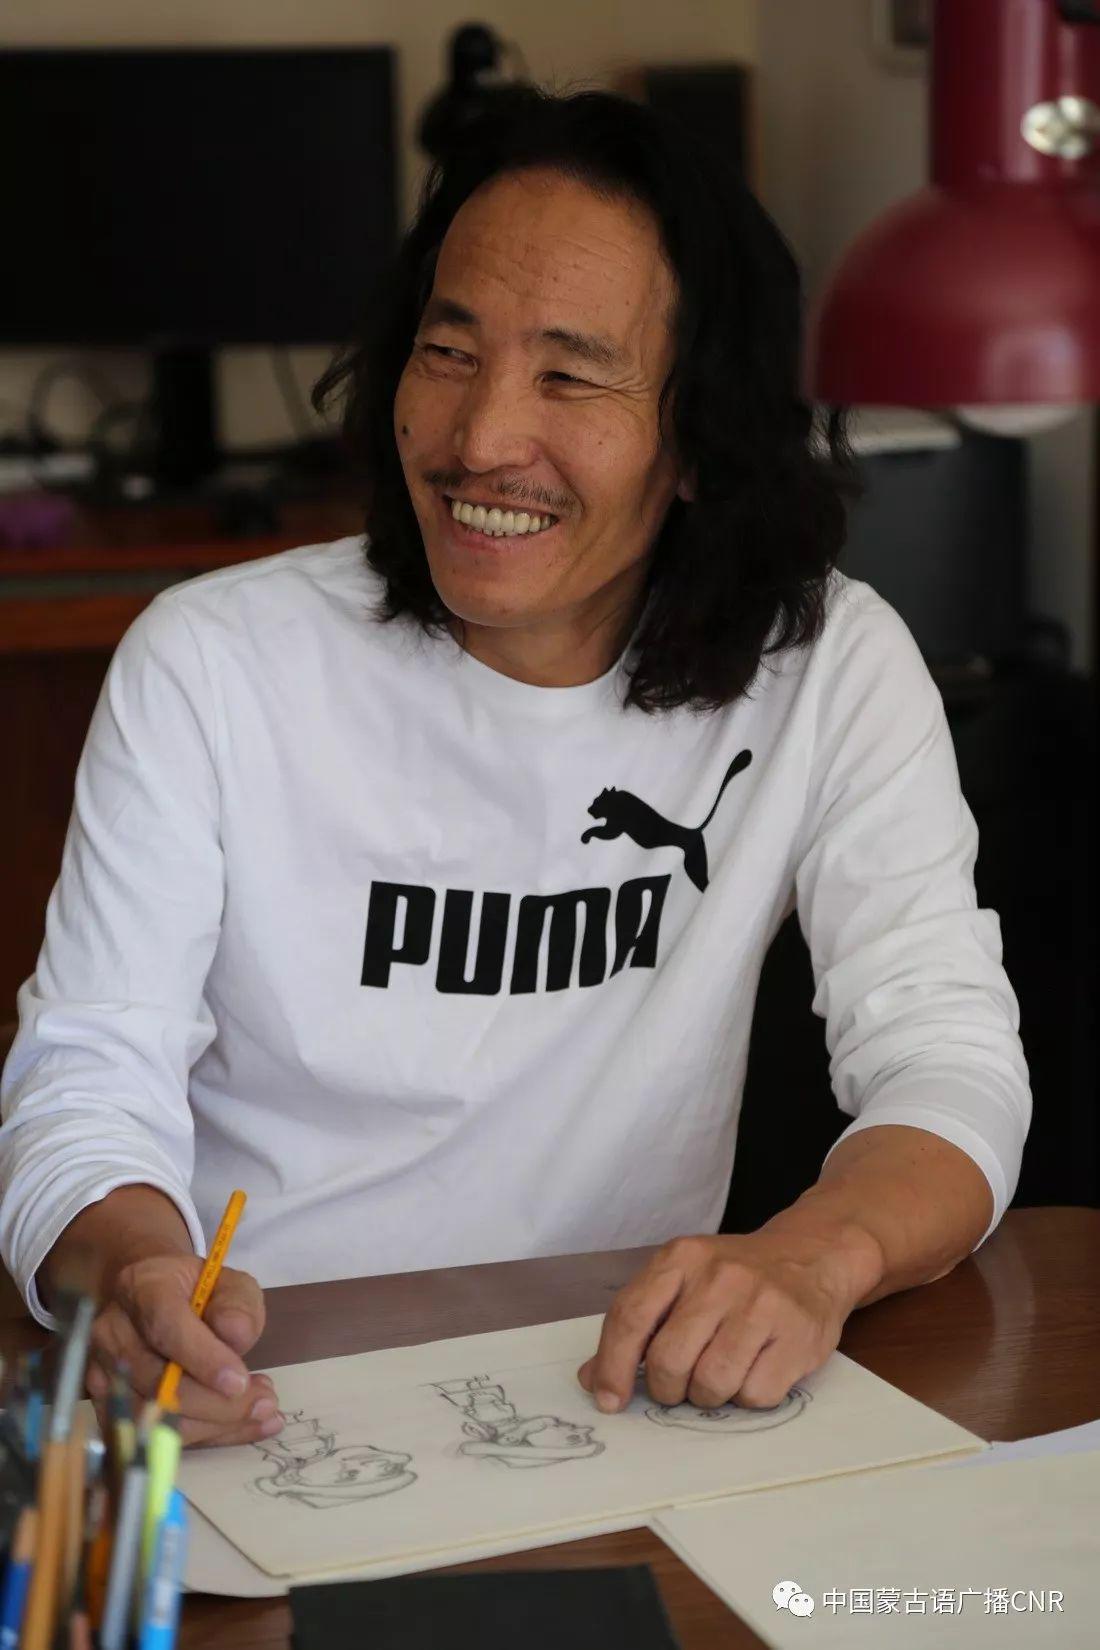 蒙古族漫画家巴•毕力格的漫画新作 第2张